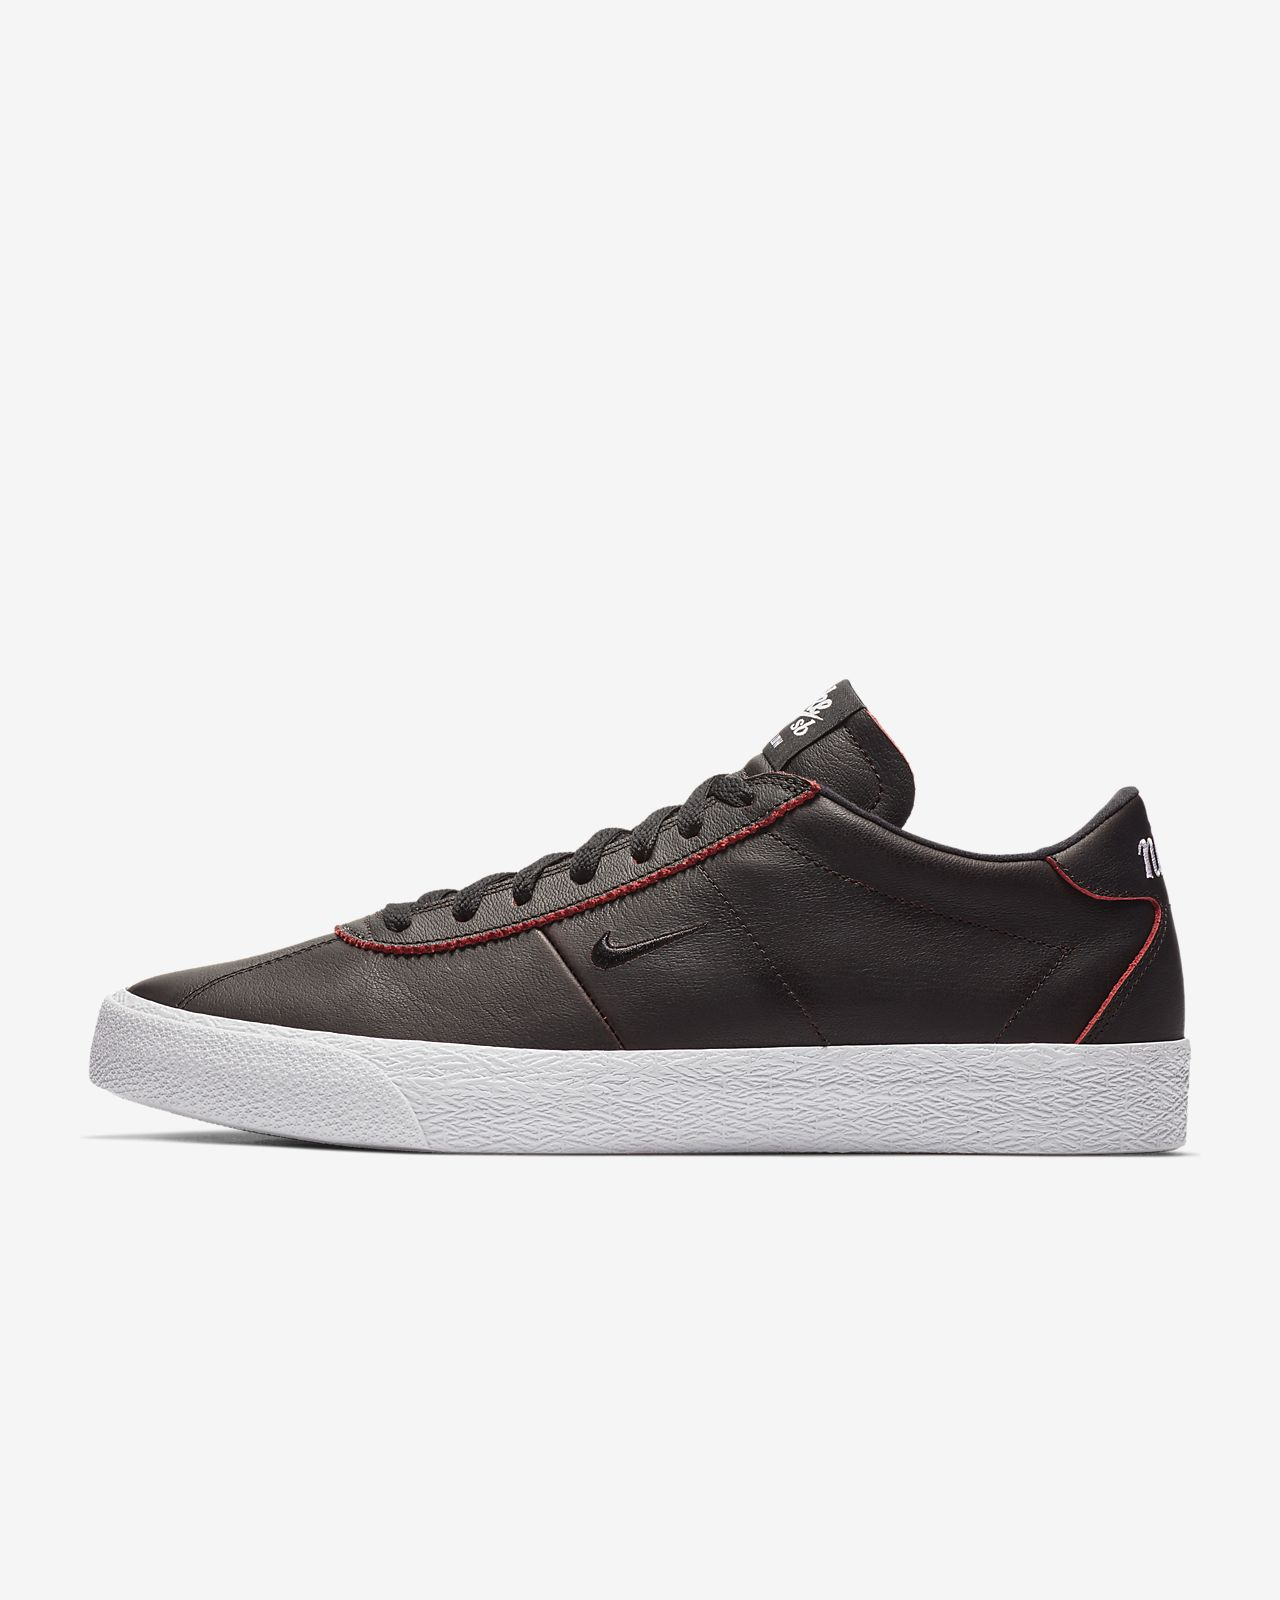 b9f460c15b8f Nike SB Zoom Bruin NBA Skate Shoe. Nike.com IN